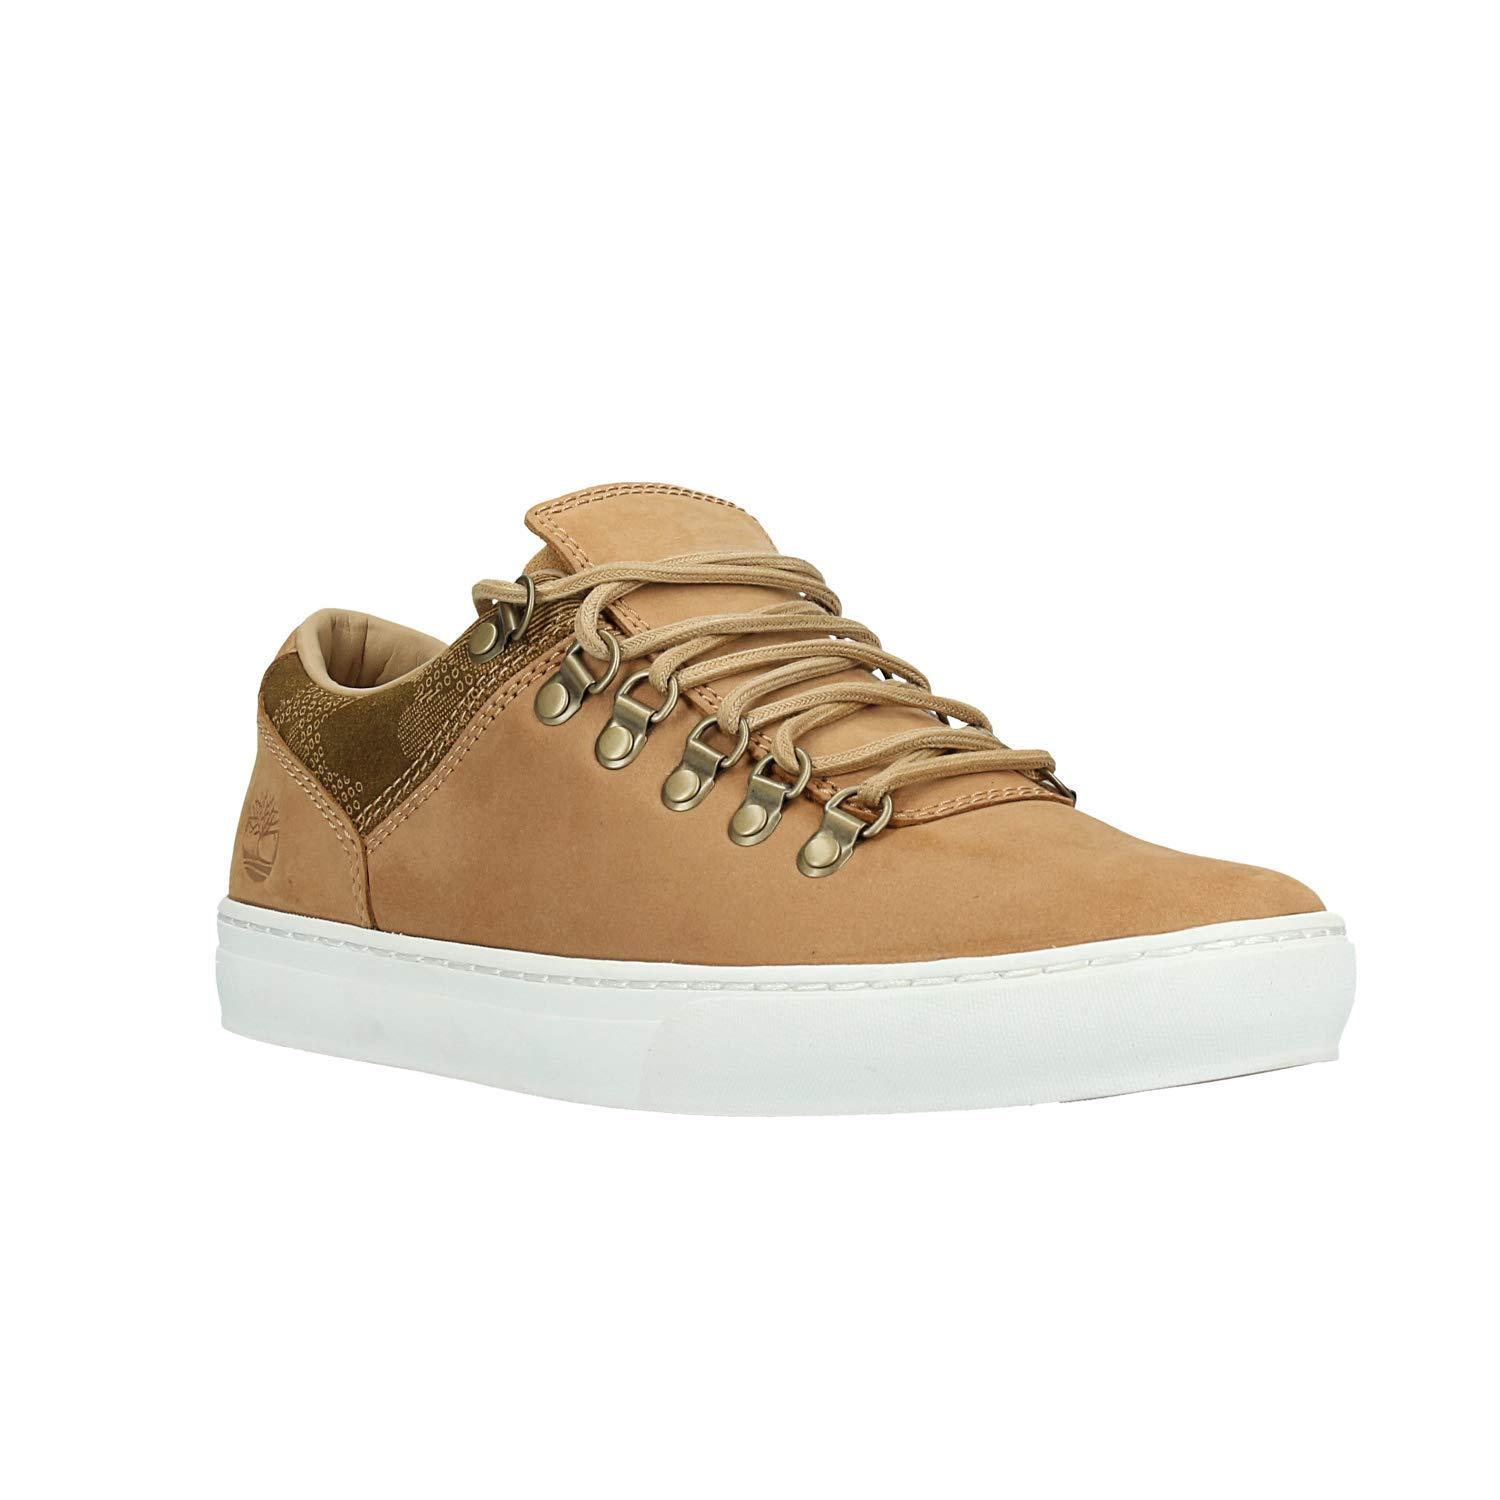 Mr.   Ms. Timberland Cupsole, scarpe per Uomo Economico Economico Economico e pratico Belle arti Boutique preferita | Gioca al meglio 1c8f6d